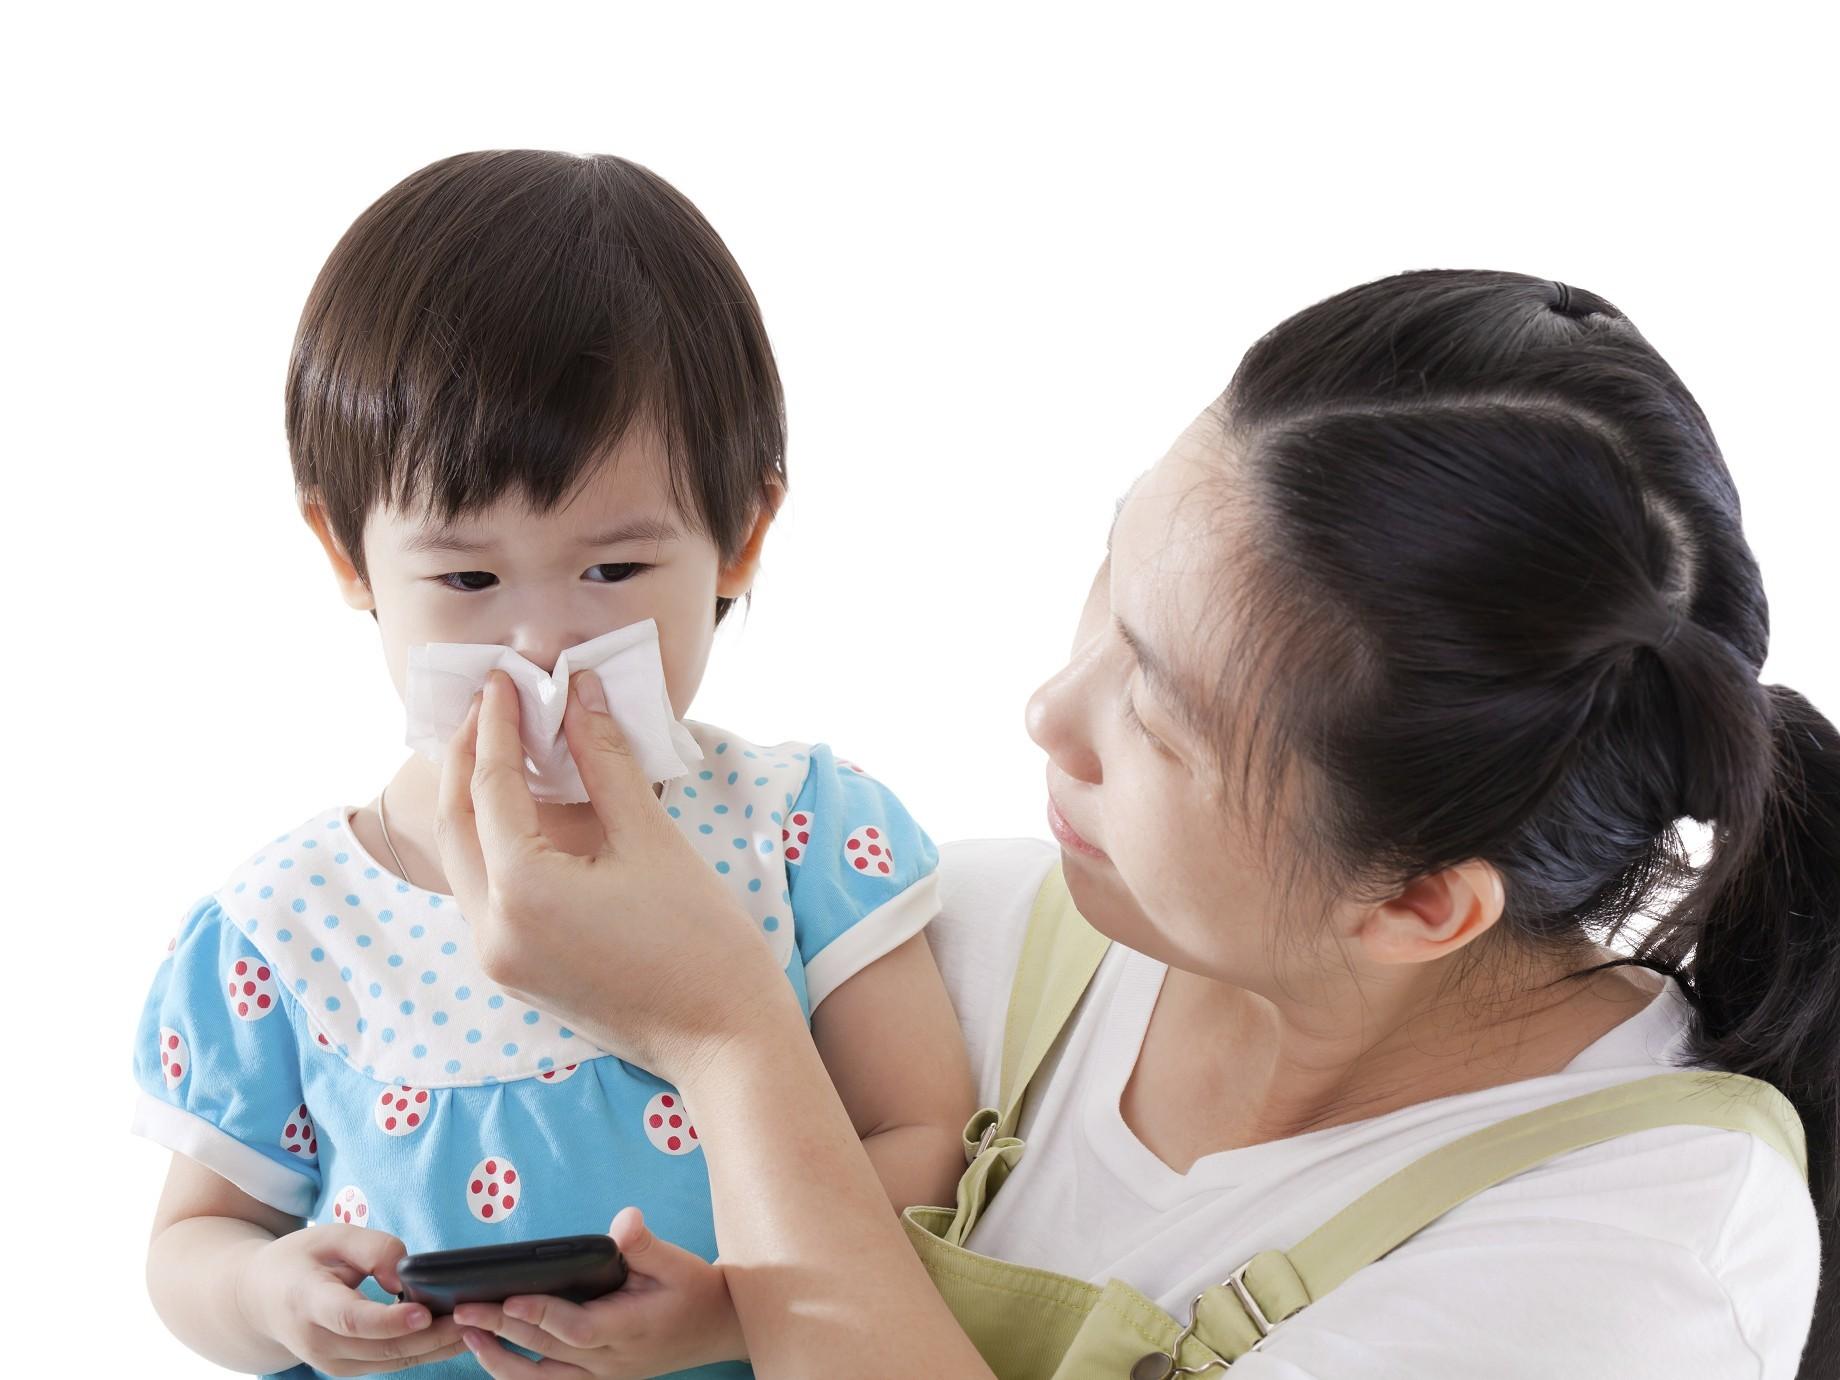 〈2015年8月〉台灣網路消費者對「濕紙巾」購買行為與通路品牌分析-EAGLEEYE鷹眼數據